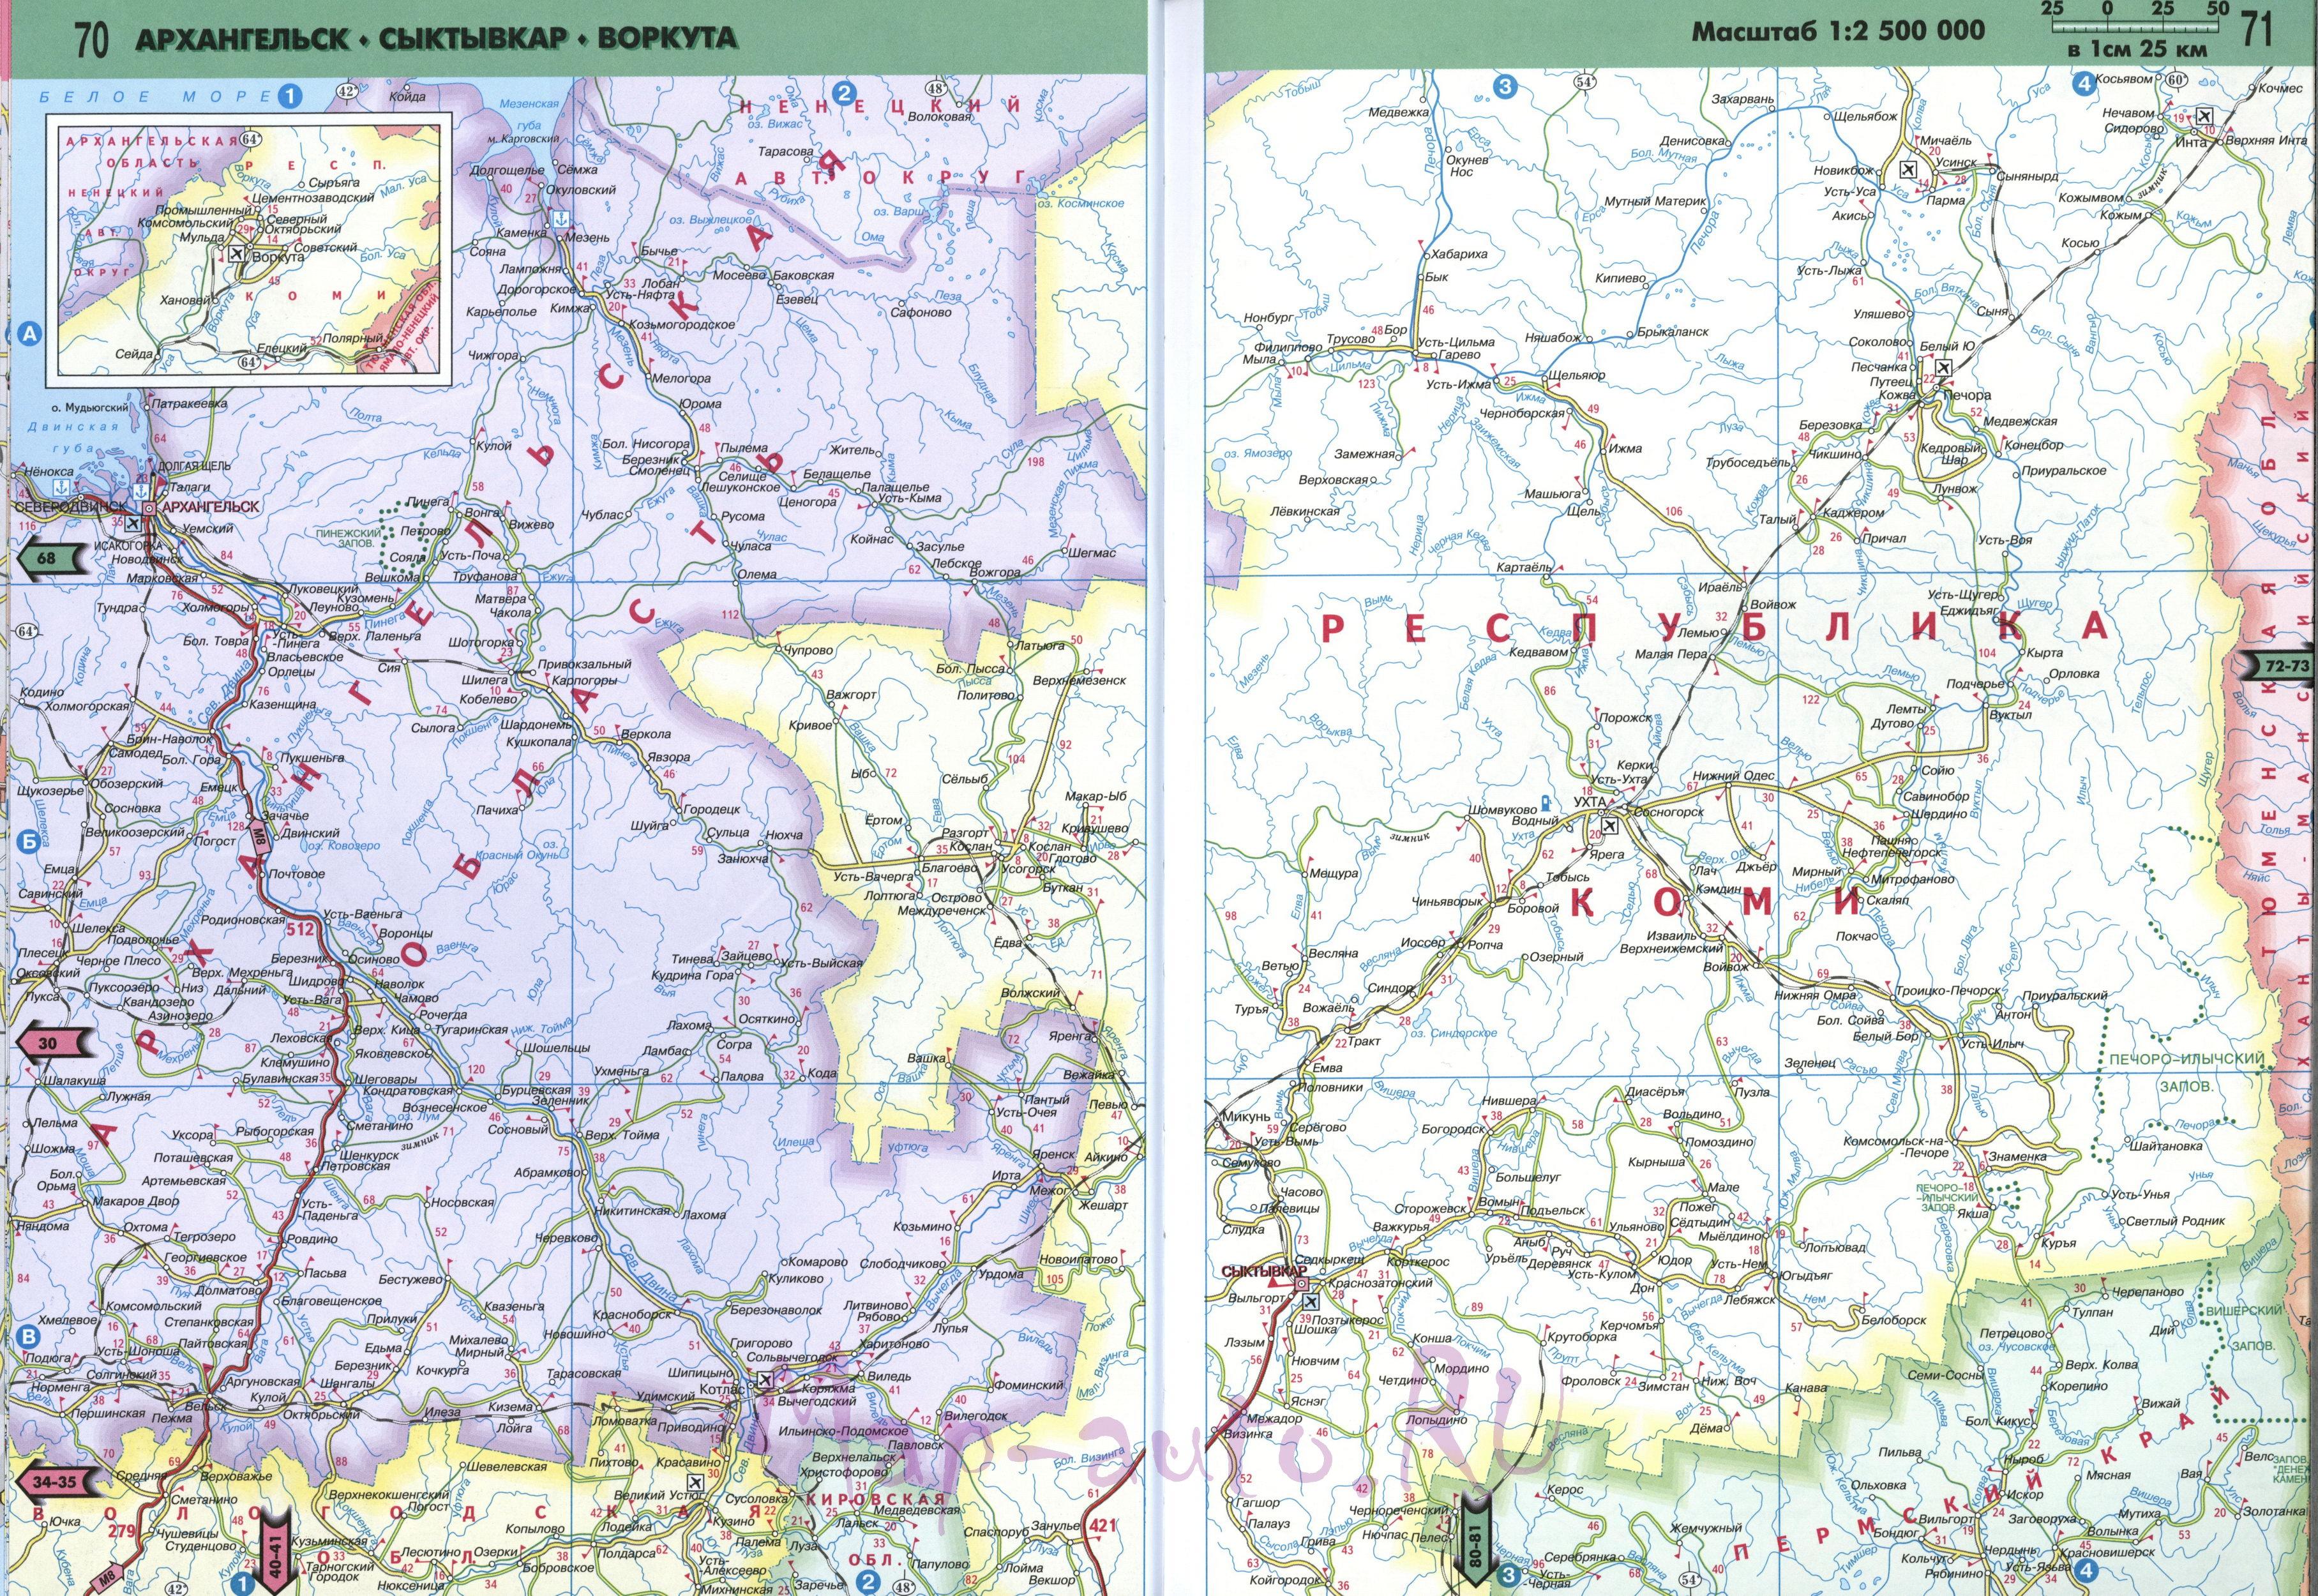 Карта Коми. Подробная карта дорог республики Коми ...: http://map-auto.ru/map1606603_0_0.htm